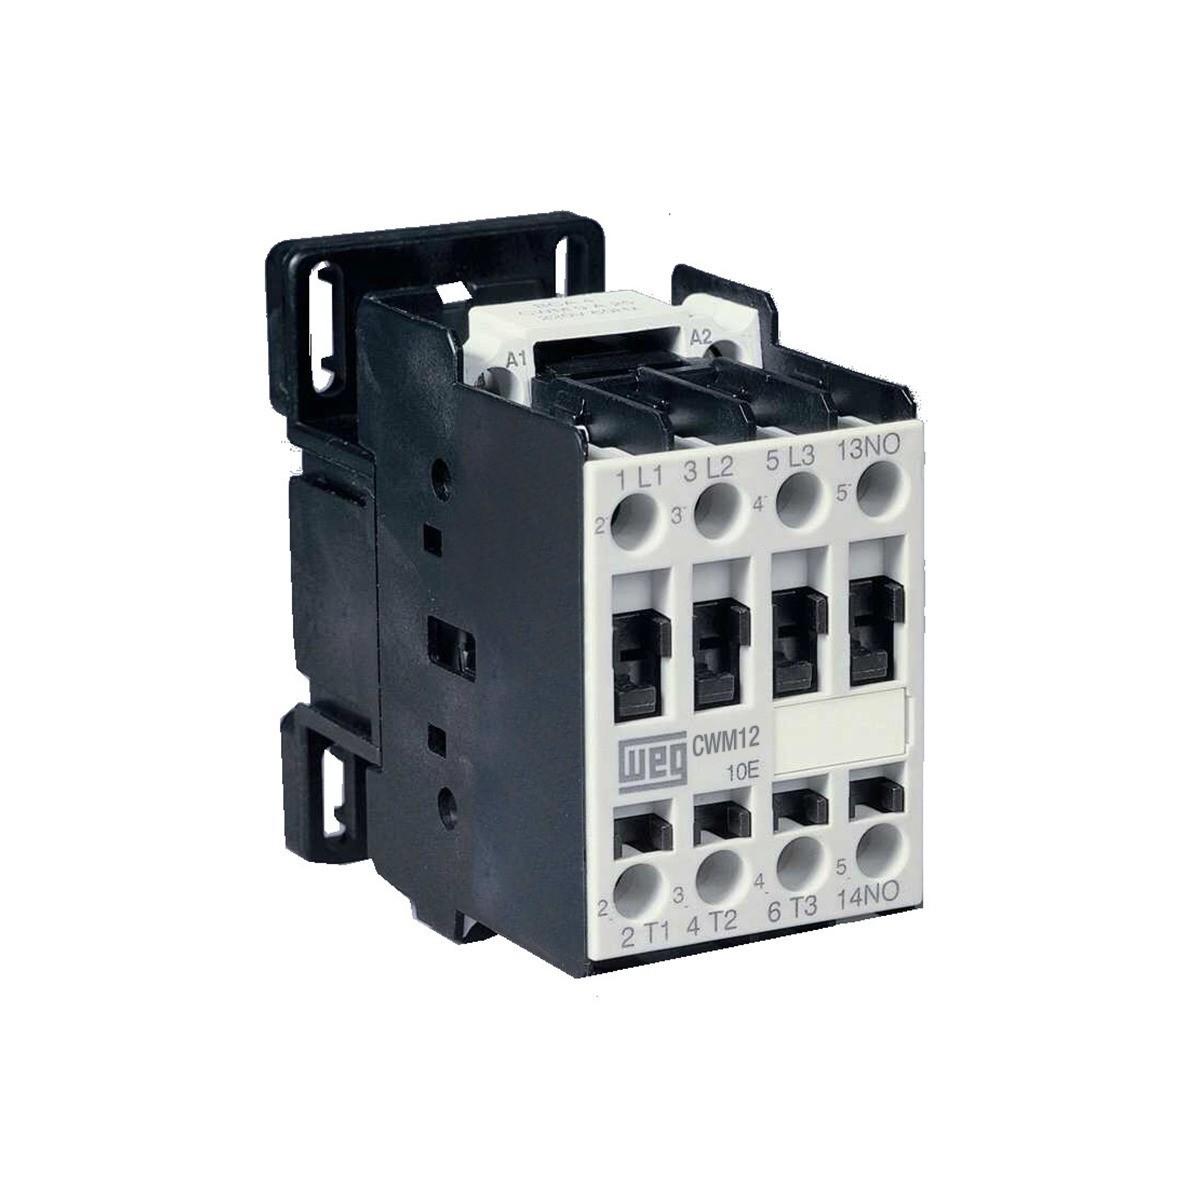 Contator de Potencia Trifasico 120A 190V 50 Hz e 220V 60 Hz - WEG